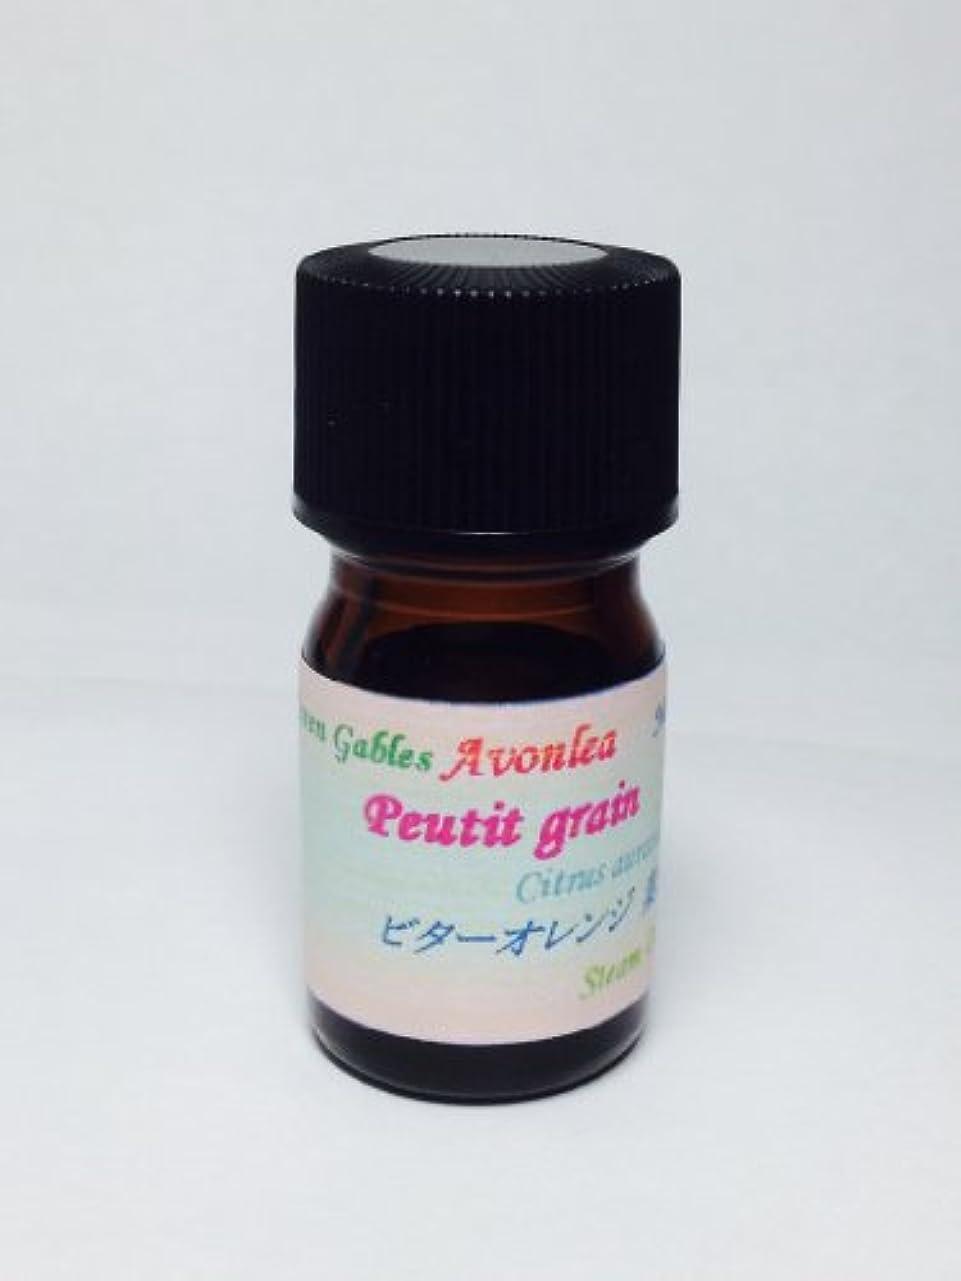 乱す硫黄現れるプチグレン精油 ピュアエッセンシャルオイル  (100ml)